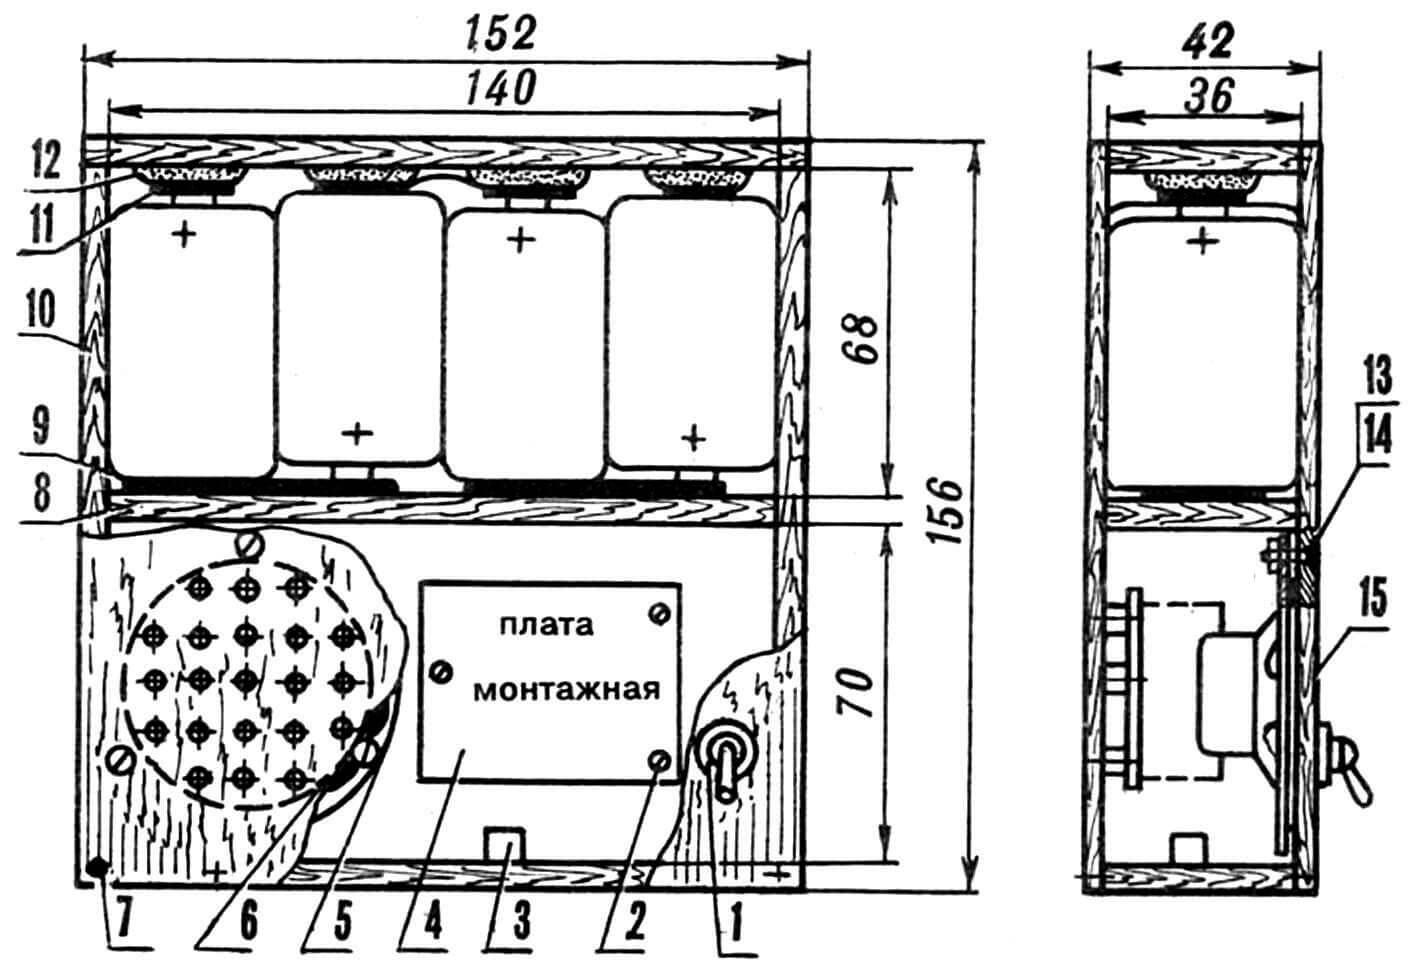 Компоновка электронного блока (соединительные провода условно не показаны): 1— тумблер включения электропитания, 2 — шуруп крепления печатной платы (3 шт.), 3 — микрогнездо для подключения к дополнительному усилителю), 4 — плата печатная (элементы монтажа условно не показаны), 5 — кольцо фиксации динамической головки (из 1-мм стеклотекстолита, внешний диаметр 68 мм, внутренний диаметр 40 мм), 6 — динамическая головка, 7 — шуруп крепления крышек корпуса (16 шт.), 8 — корпус (клееная конструкция из 3-мм фанеры), 9 — ламель контактная большая (0,3-мм латунь, 2 шт.), 10 — элемент гальванический 373 (4 шт.), 11 — ламель контактная малая (0,3-мм латунь, 4 шт.), 12 — прокладка упругая (из пористой резины, 4 шт.), 13 — болт М 2,5 (3 шт.), 14 — гайка М 2,5 (3 шт.), 15 — крышка корпуса (из 3-мм фанеры, 2 шт.).